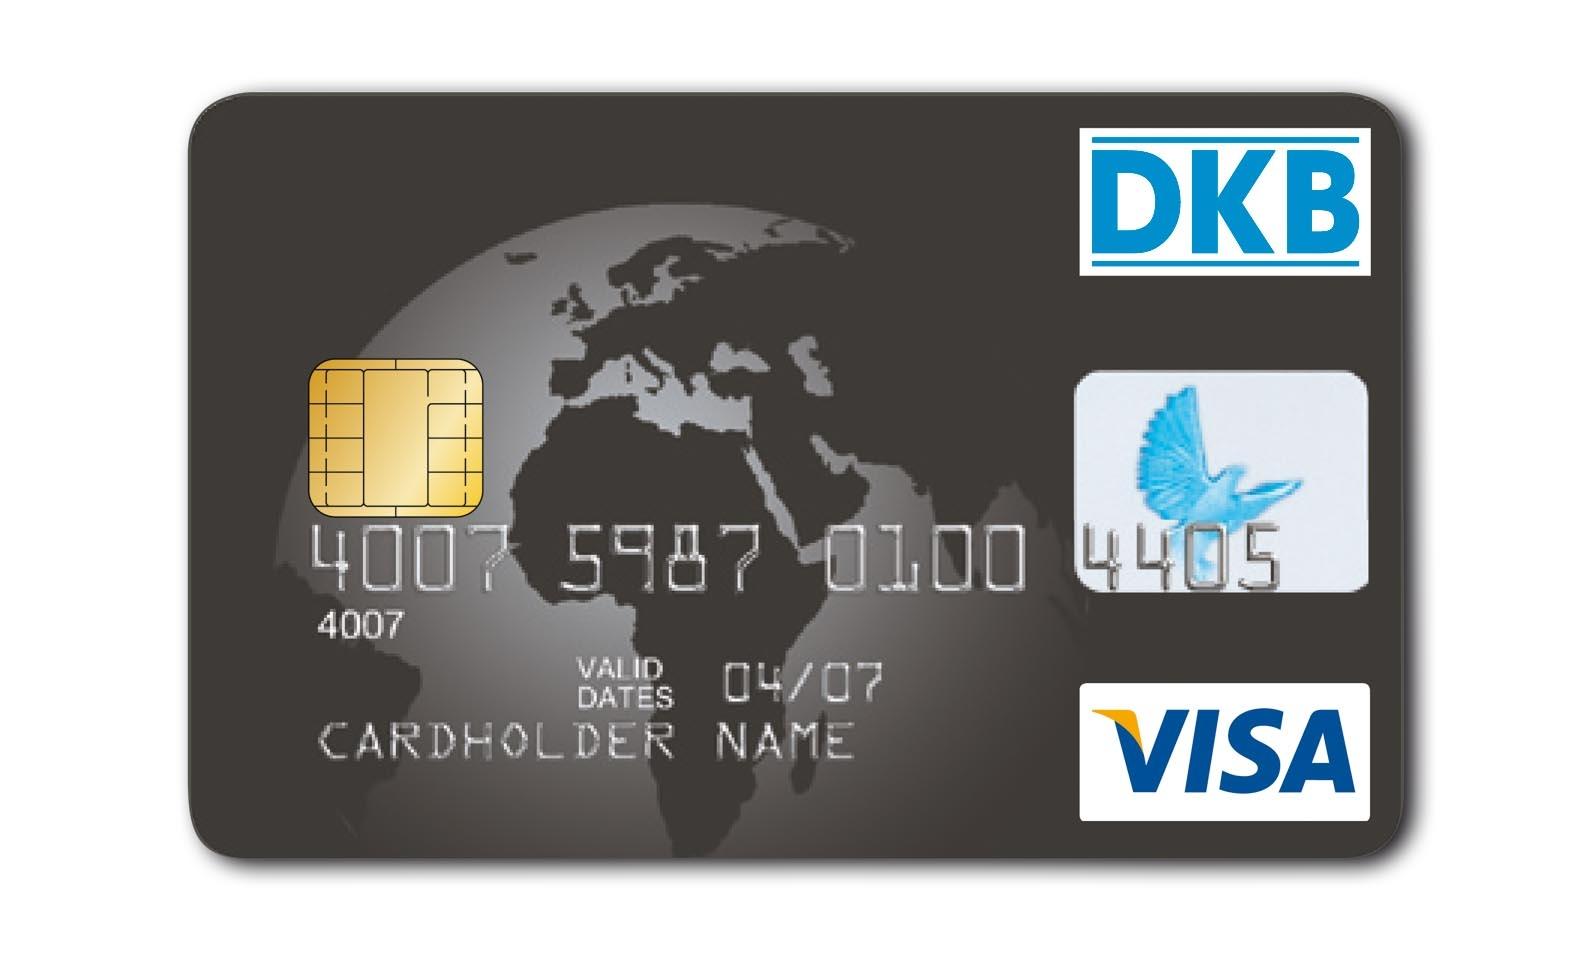 Meine Kreditkarte auf Reisen